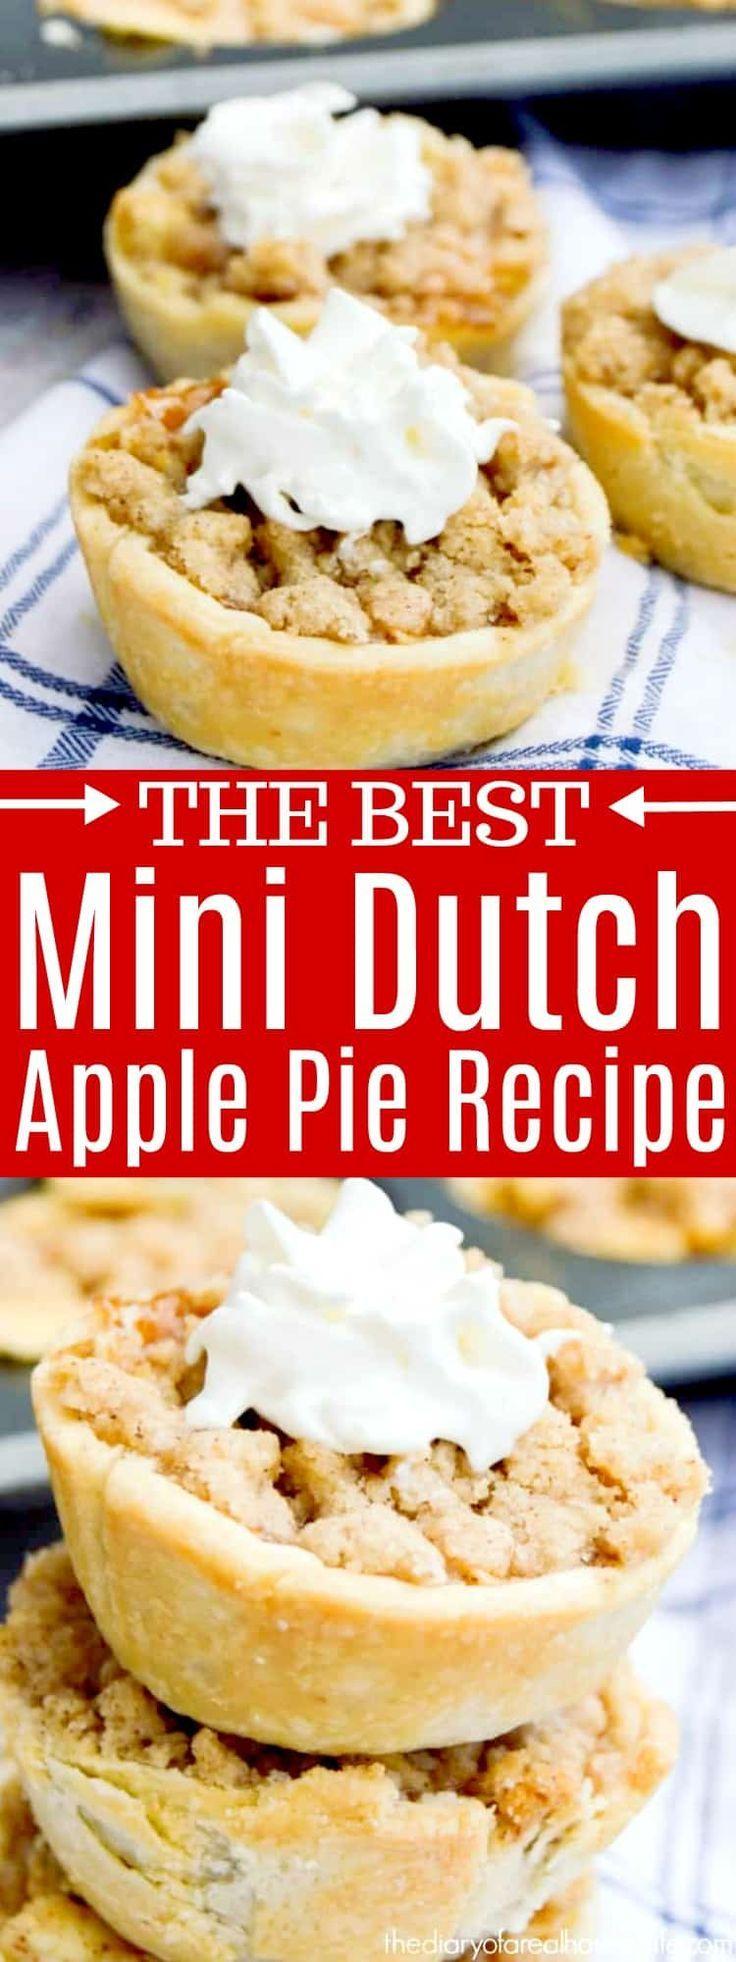 Ich liebe Muffinform Desserts. Diese Mini Dutch Apple Pie. #dessert #applepie, Ich liebe Muffinform Desserts. Diese Mini Dutch Apple Pie. #Dessert #Apfelkuchen  Source by TDOARH ,#apple #dessert #desserts #diese #dutch #liebe #muffinform #applepie